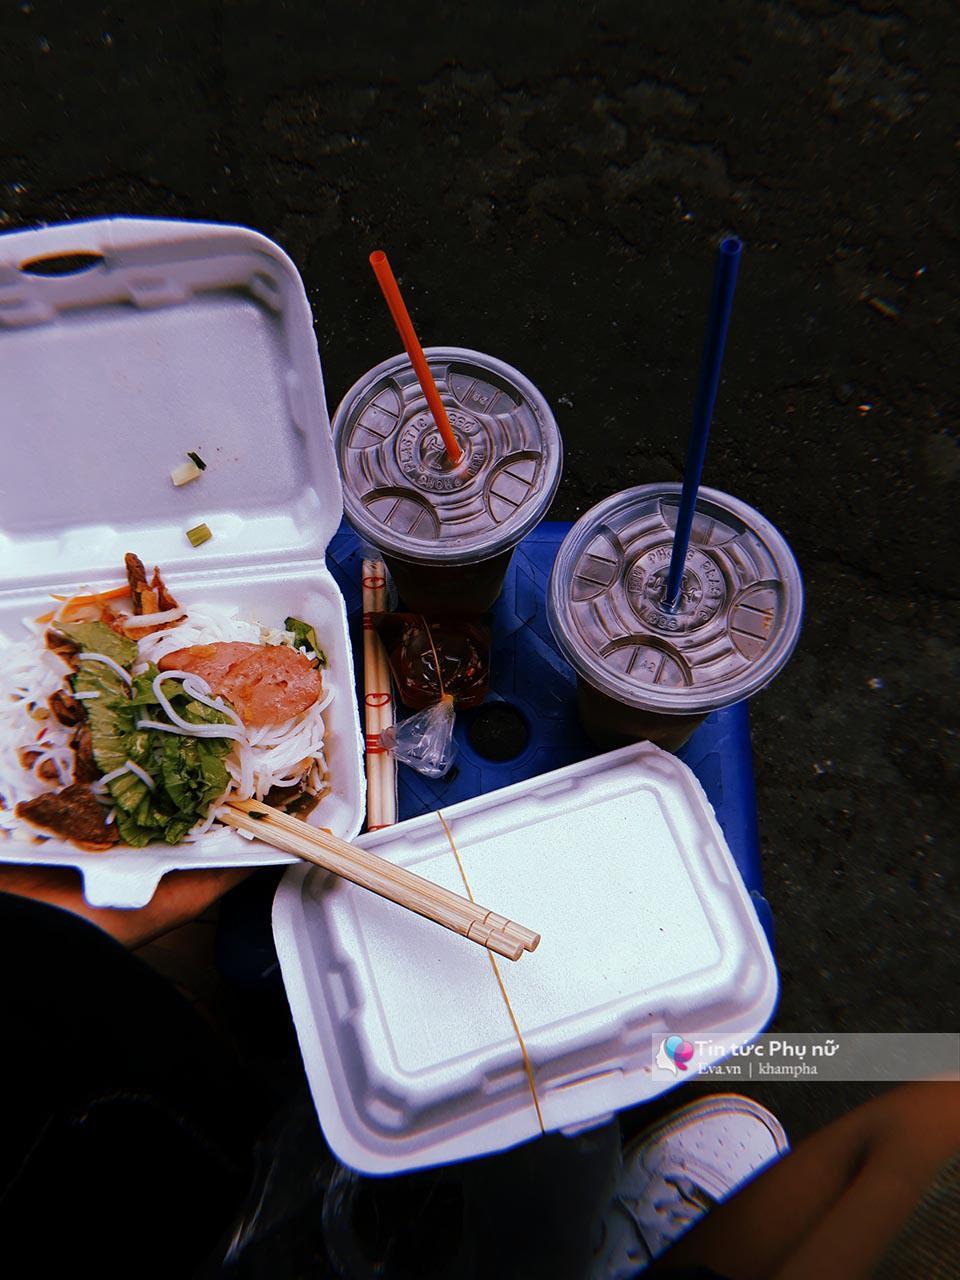 Lạc lối trong 3 con hẻm ăn vặt ngon-bổ-rẻ không thể bỏ lỡ khi du lịch Sài Gòn-12